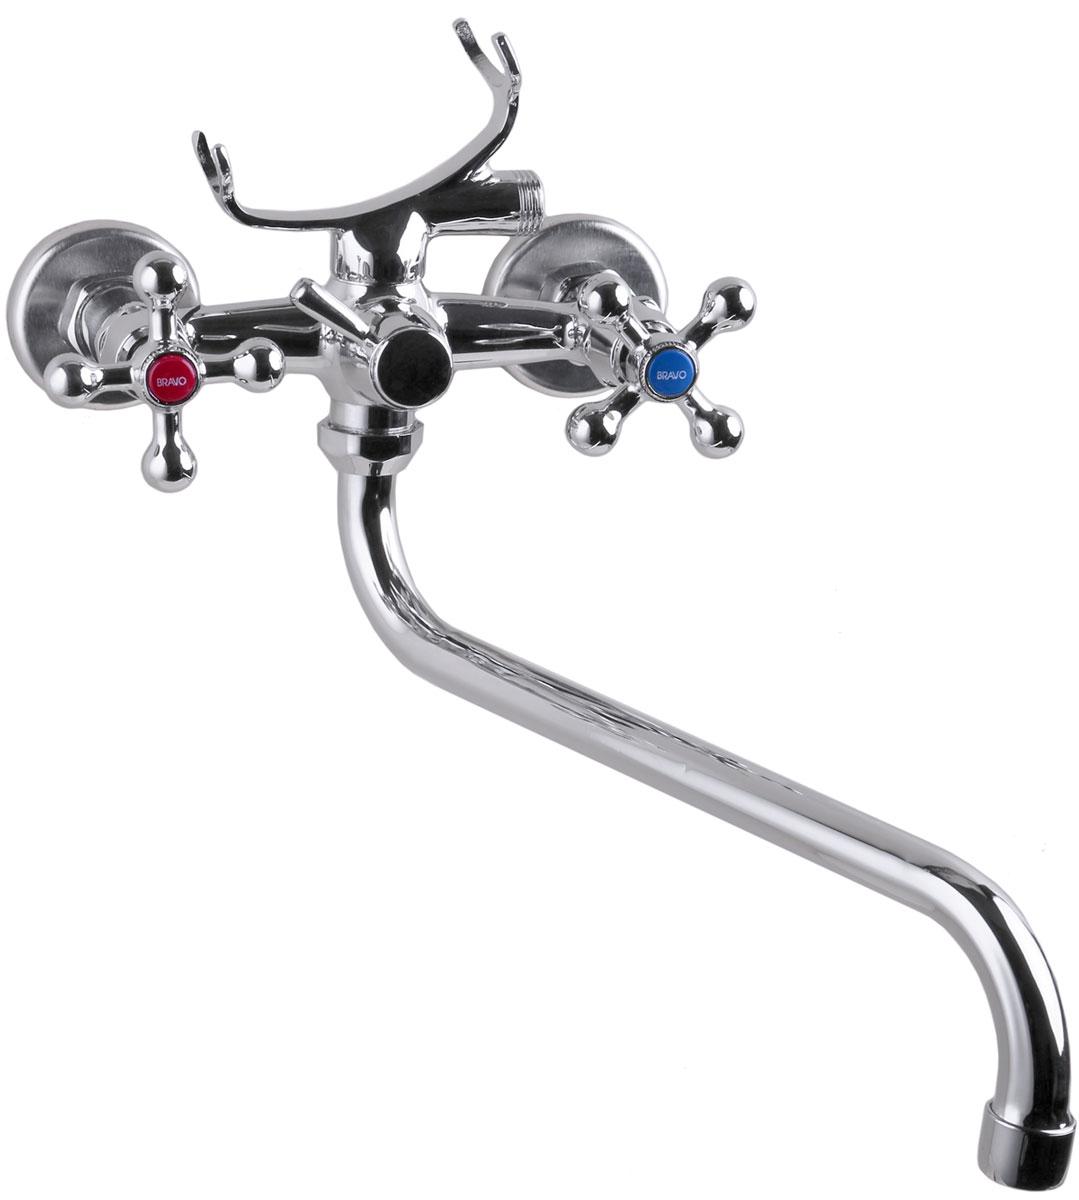 Смеситель для ванны Komrad, с длинным поворотным изливом, цвет: хром. S11-141-K-1 смеситель для кухни komrad цвет хром s11 361 2